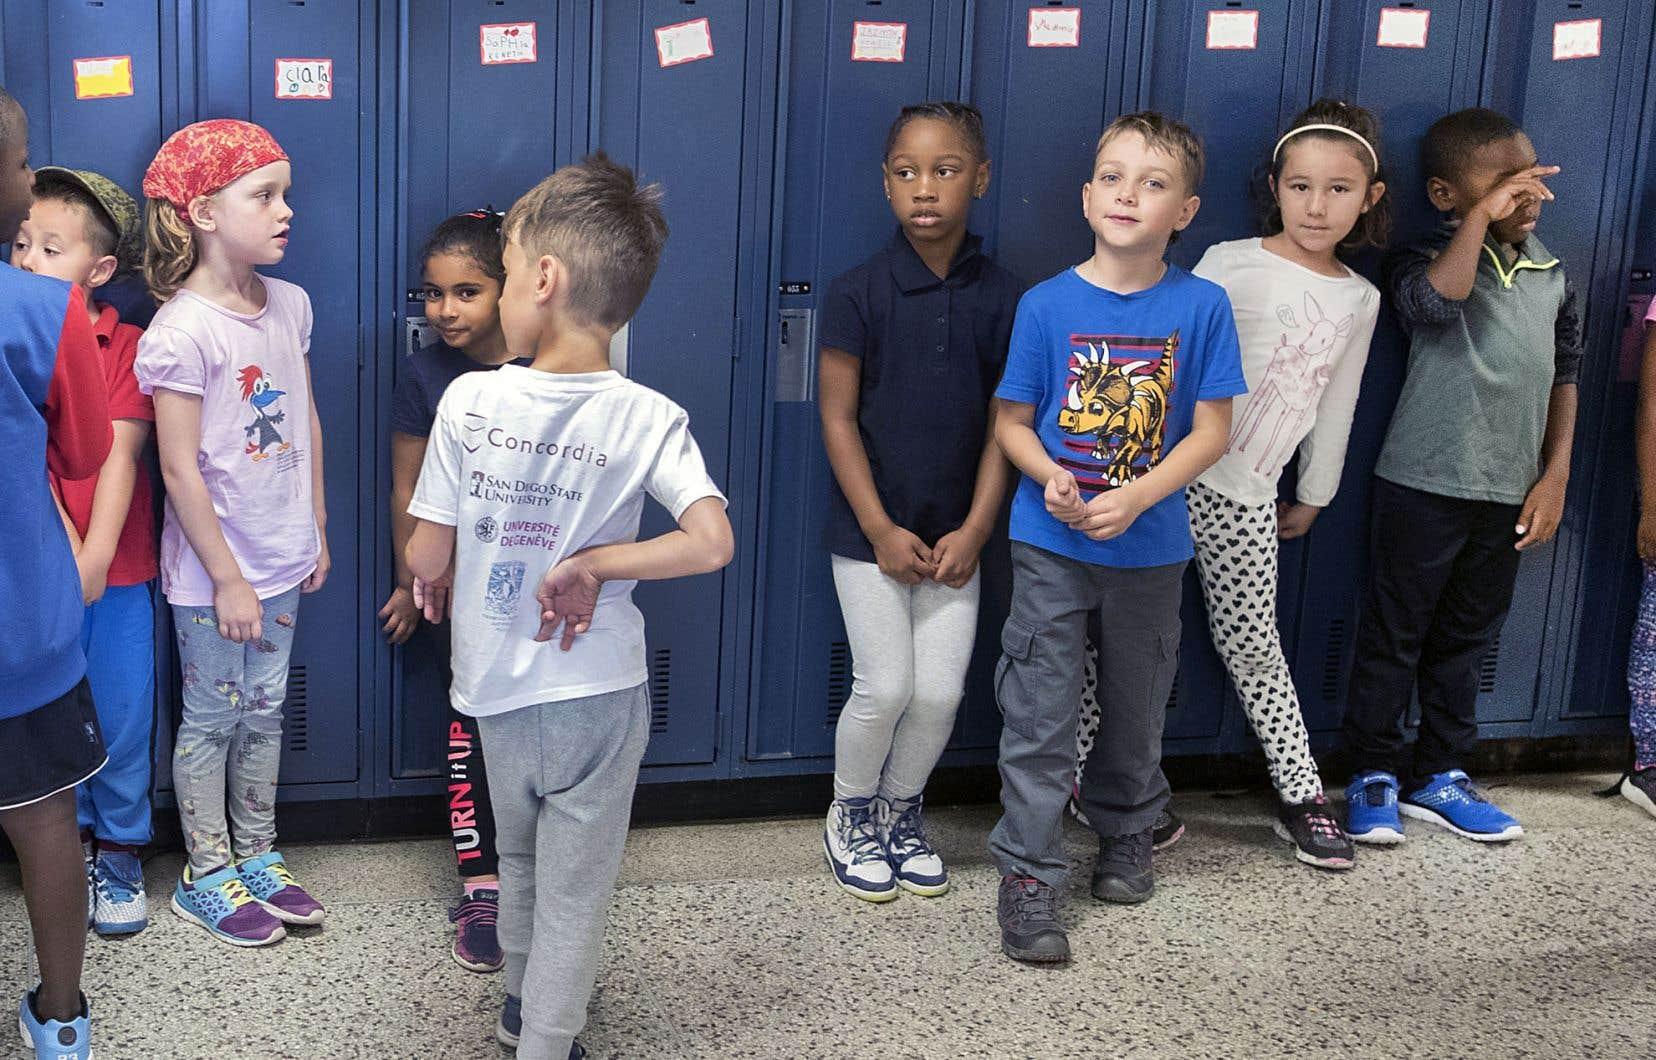 Dès la rentrée scolaire, les cours d'éducation à la sexualité seront obligatoires pour un million de jeunes du primaire et du secondaire.